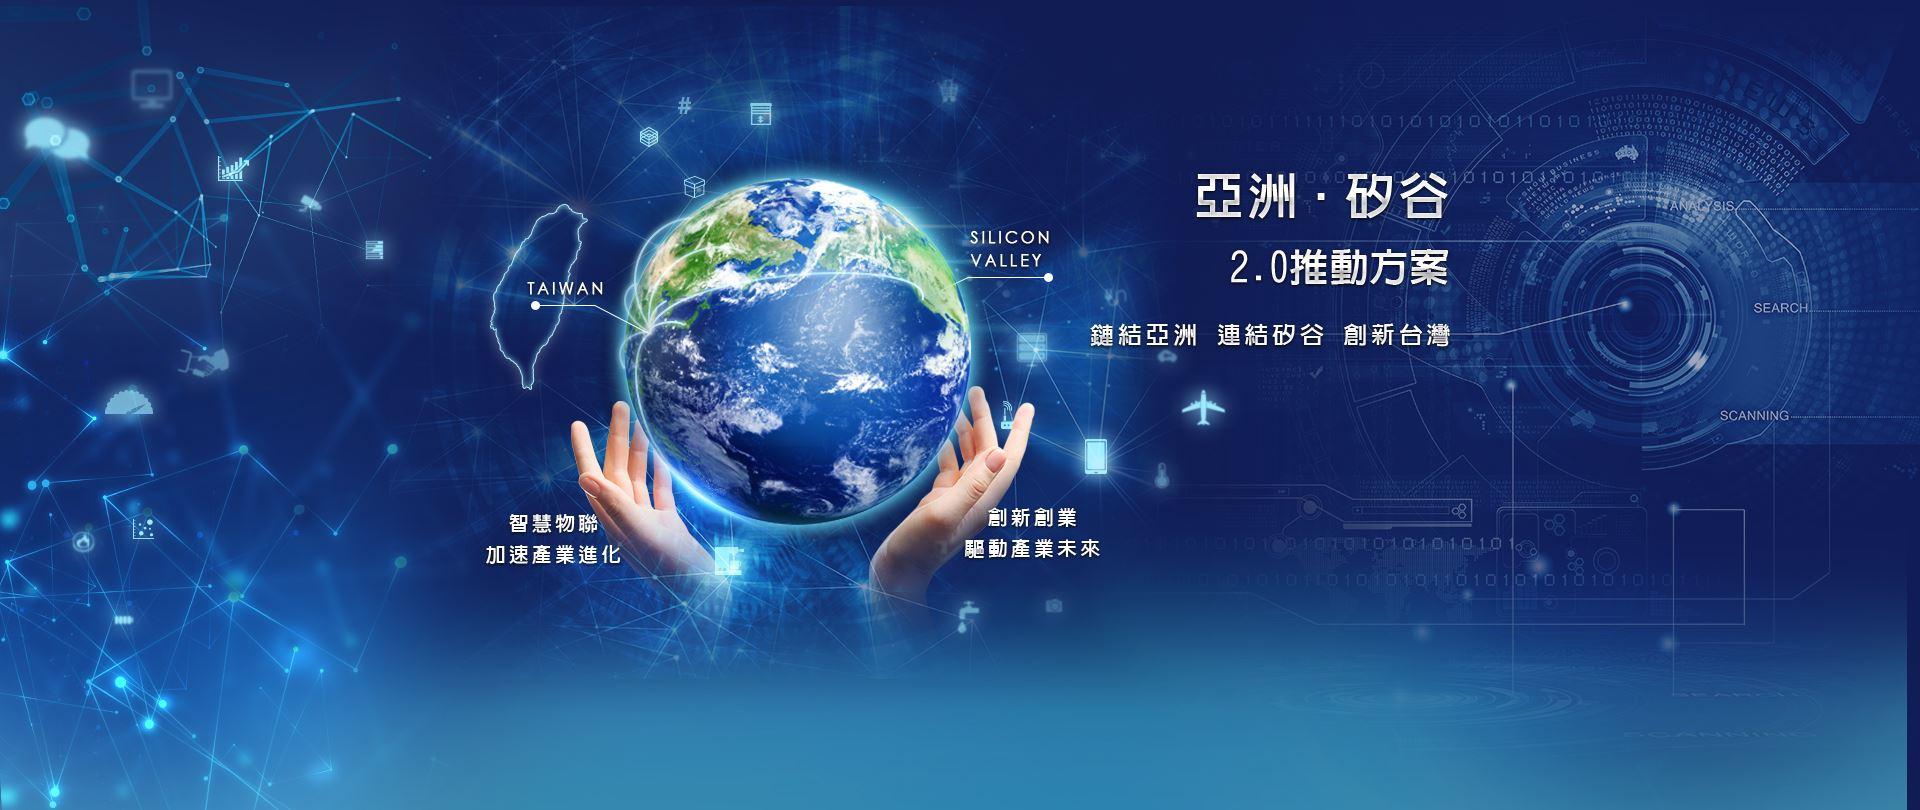 鏈結亞洲 連結矽谷 創新台灣